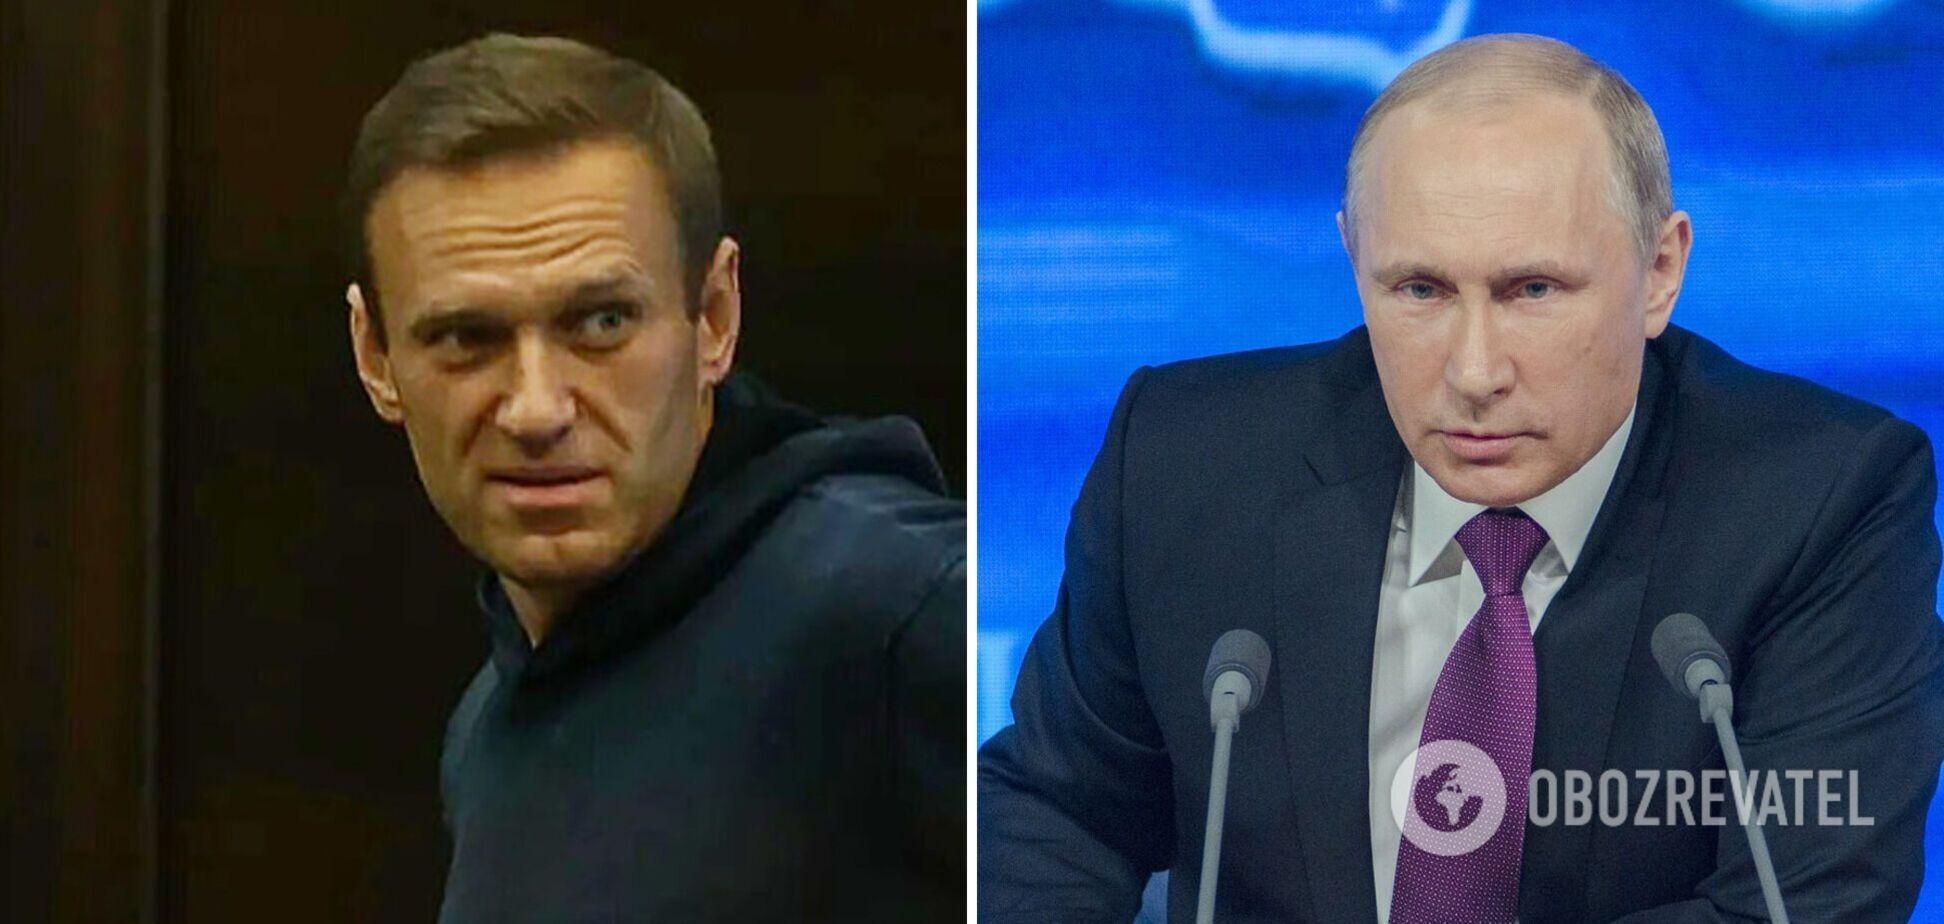 Олексій Навальний і Володимир Путін